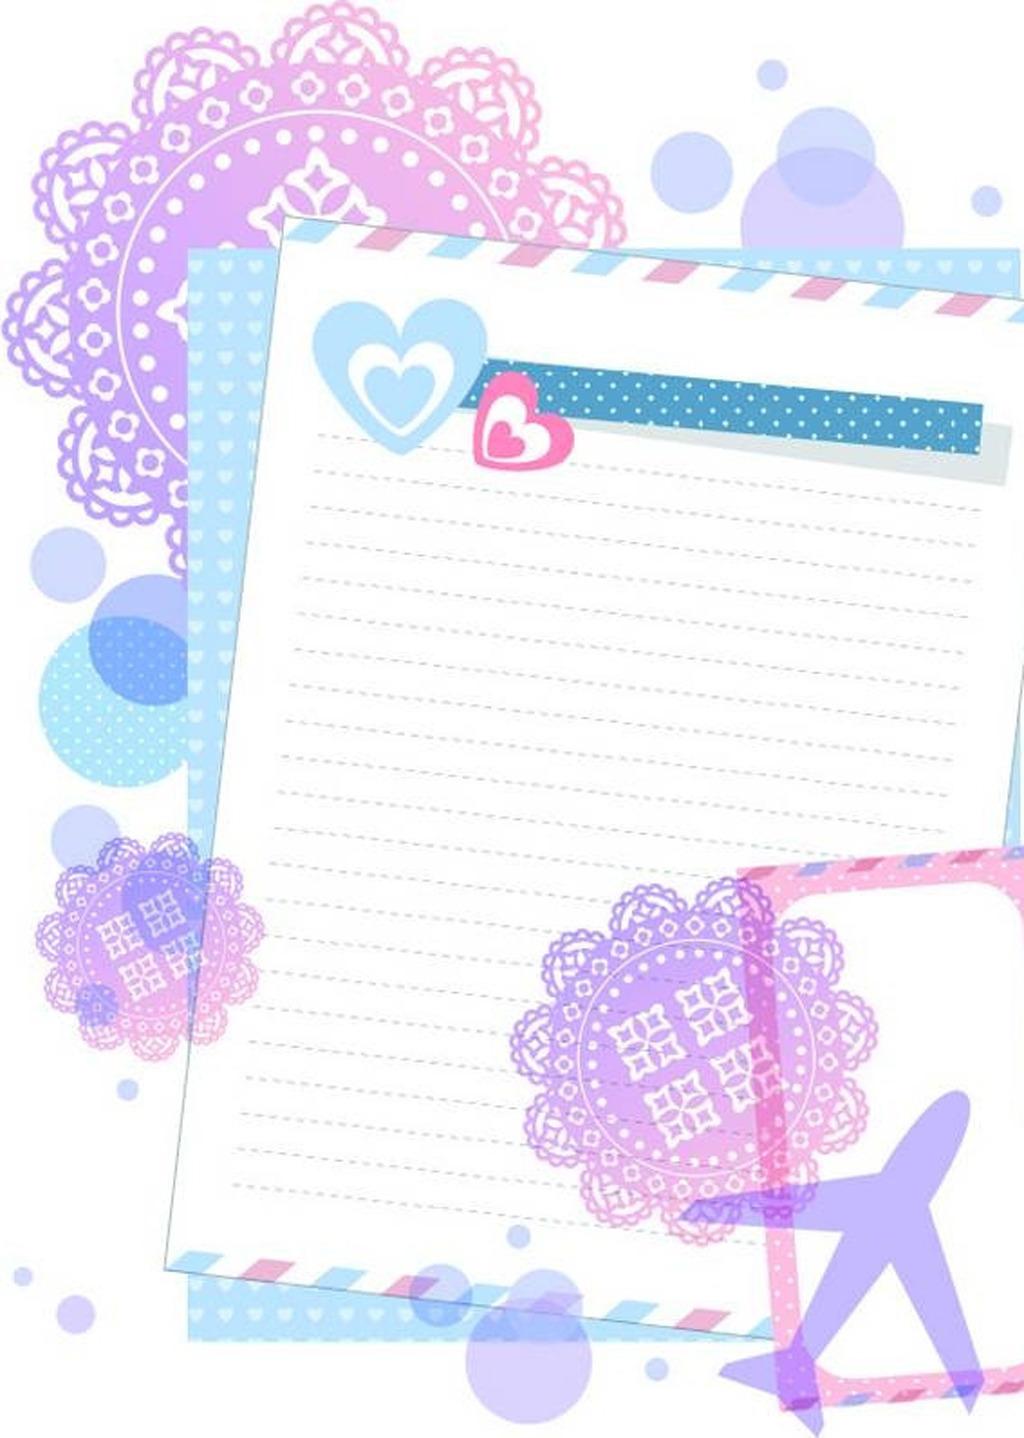 背景 花纹/[版权图片]抽象花纹信纸背景